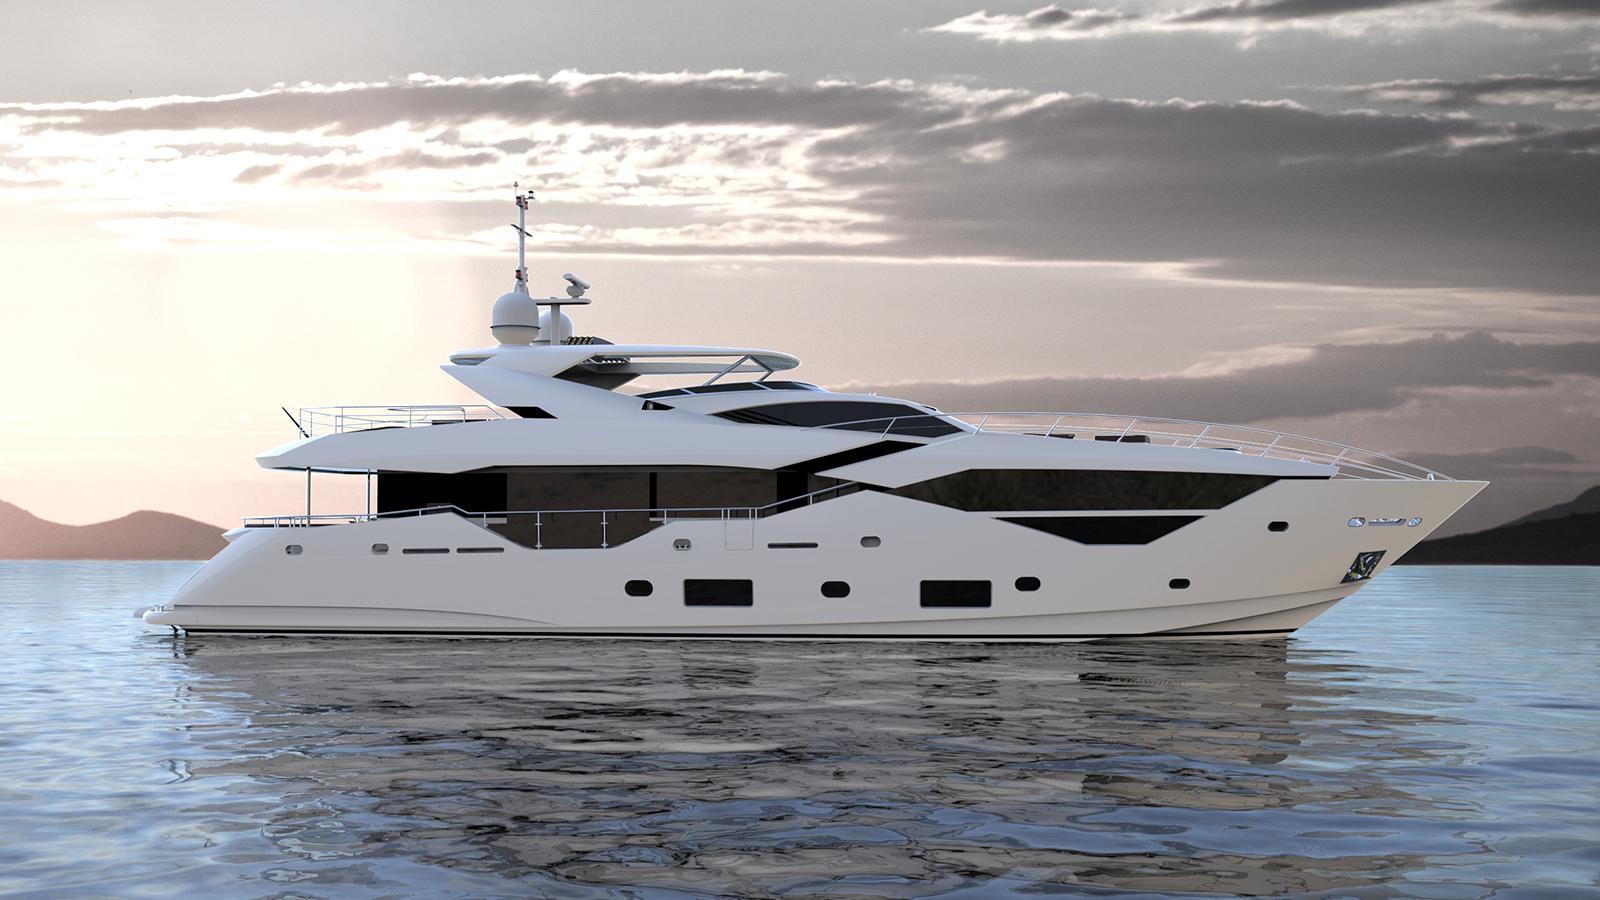 2js of london motoryacht sunseeker 116 35m 2017 rendering